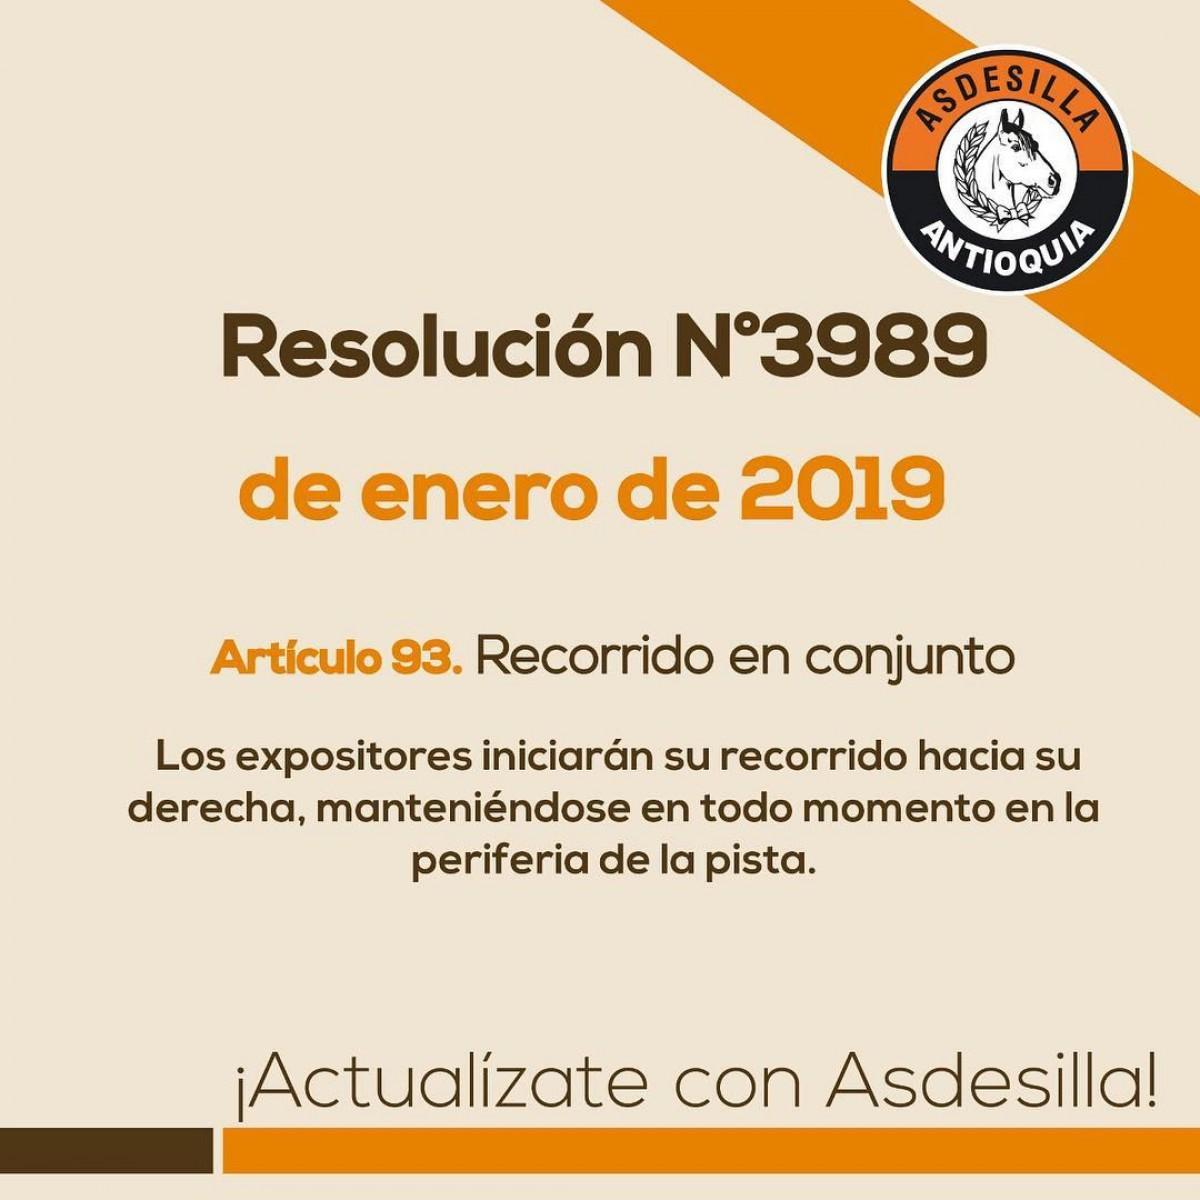 Articulo 93: Recorrido en Conjunto, Resolución de Enero del 2019